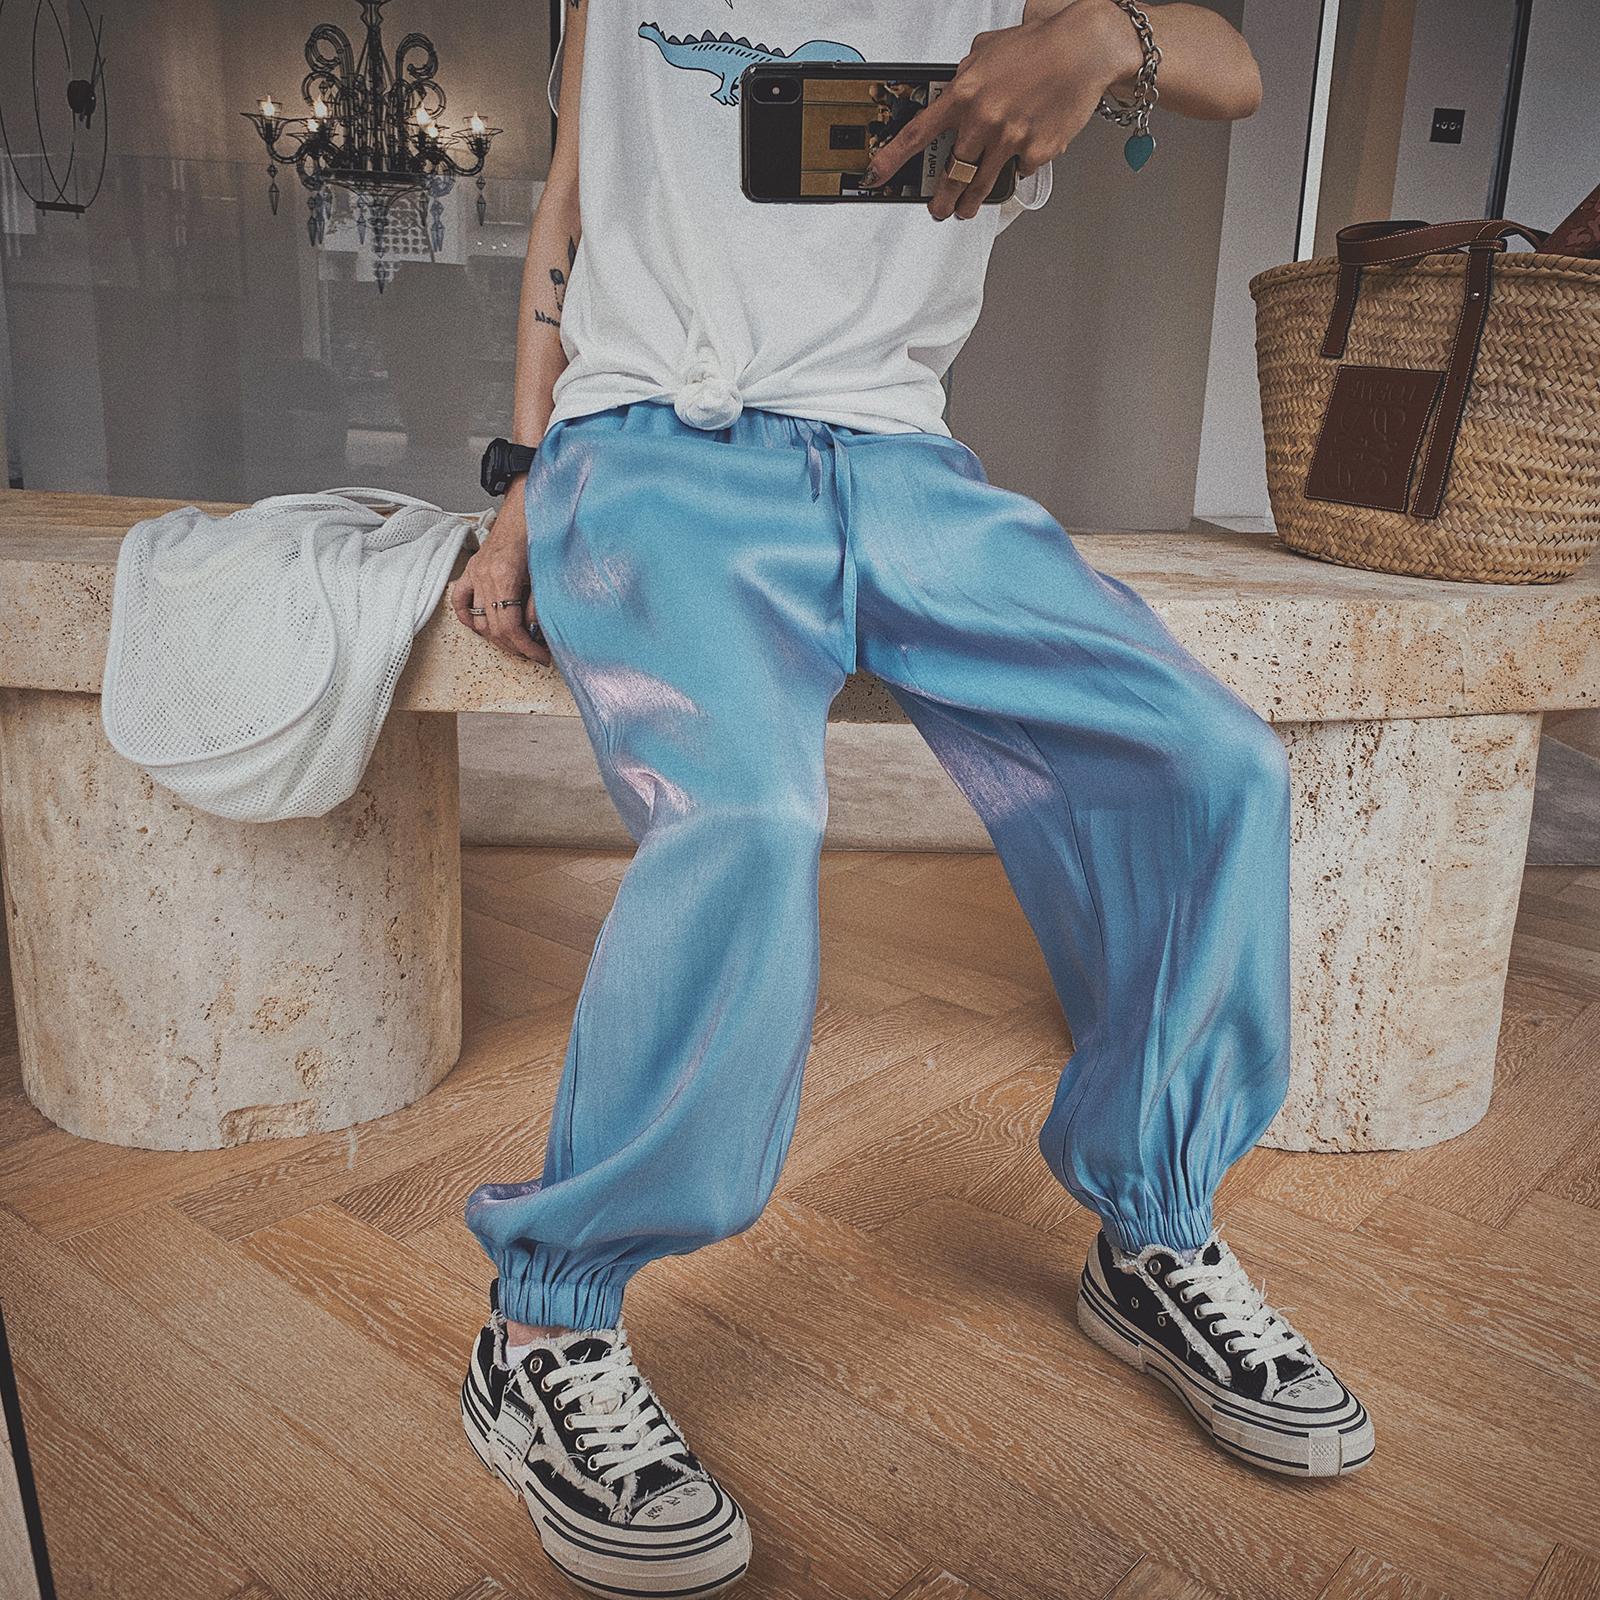 甜心家 嘻哈镭射宽松小脚收口运动裤薄款女装潮BF风2019夏装新款